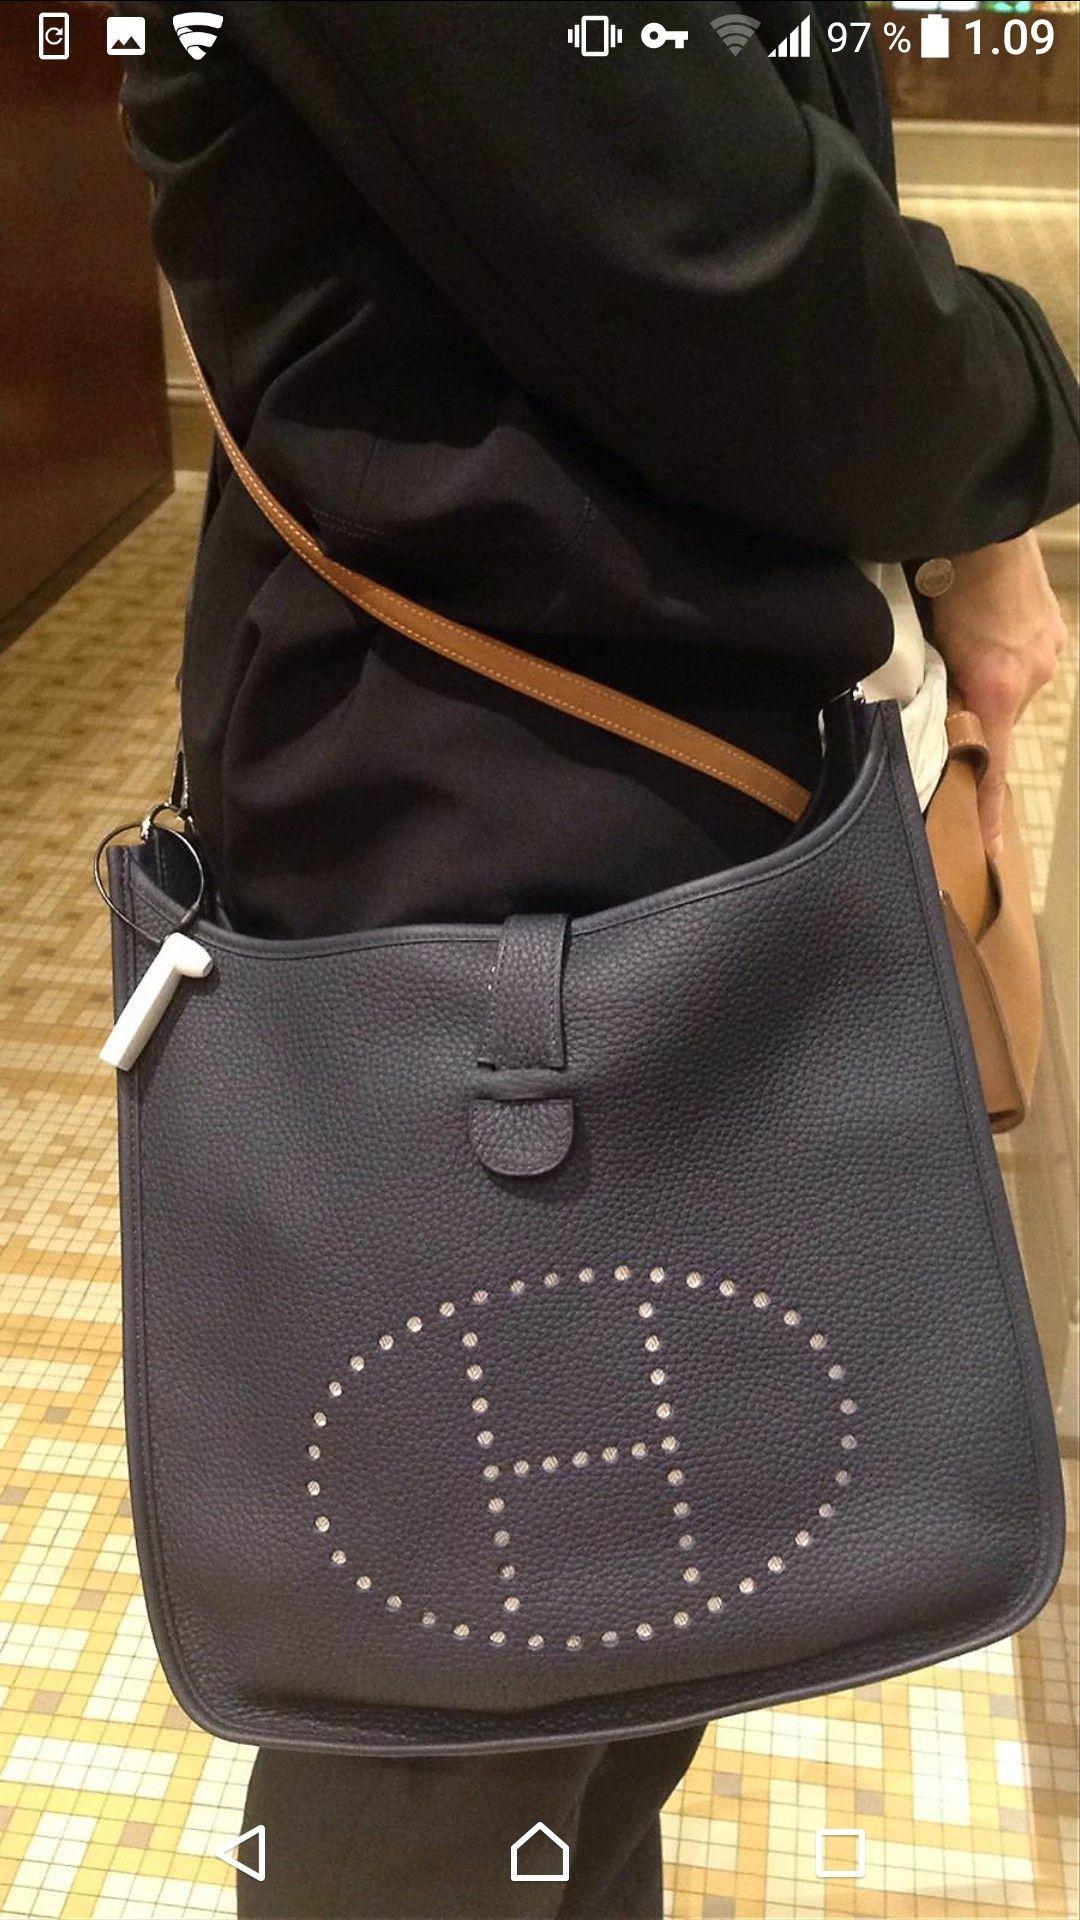 Hermès Evelyne lll GM Bleu Nuit  51ca5c339a2bf